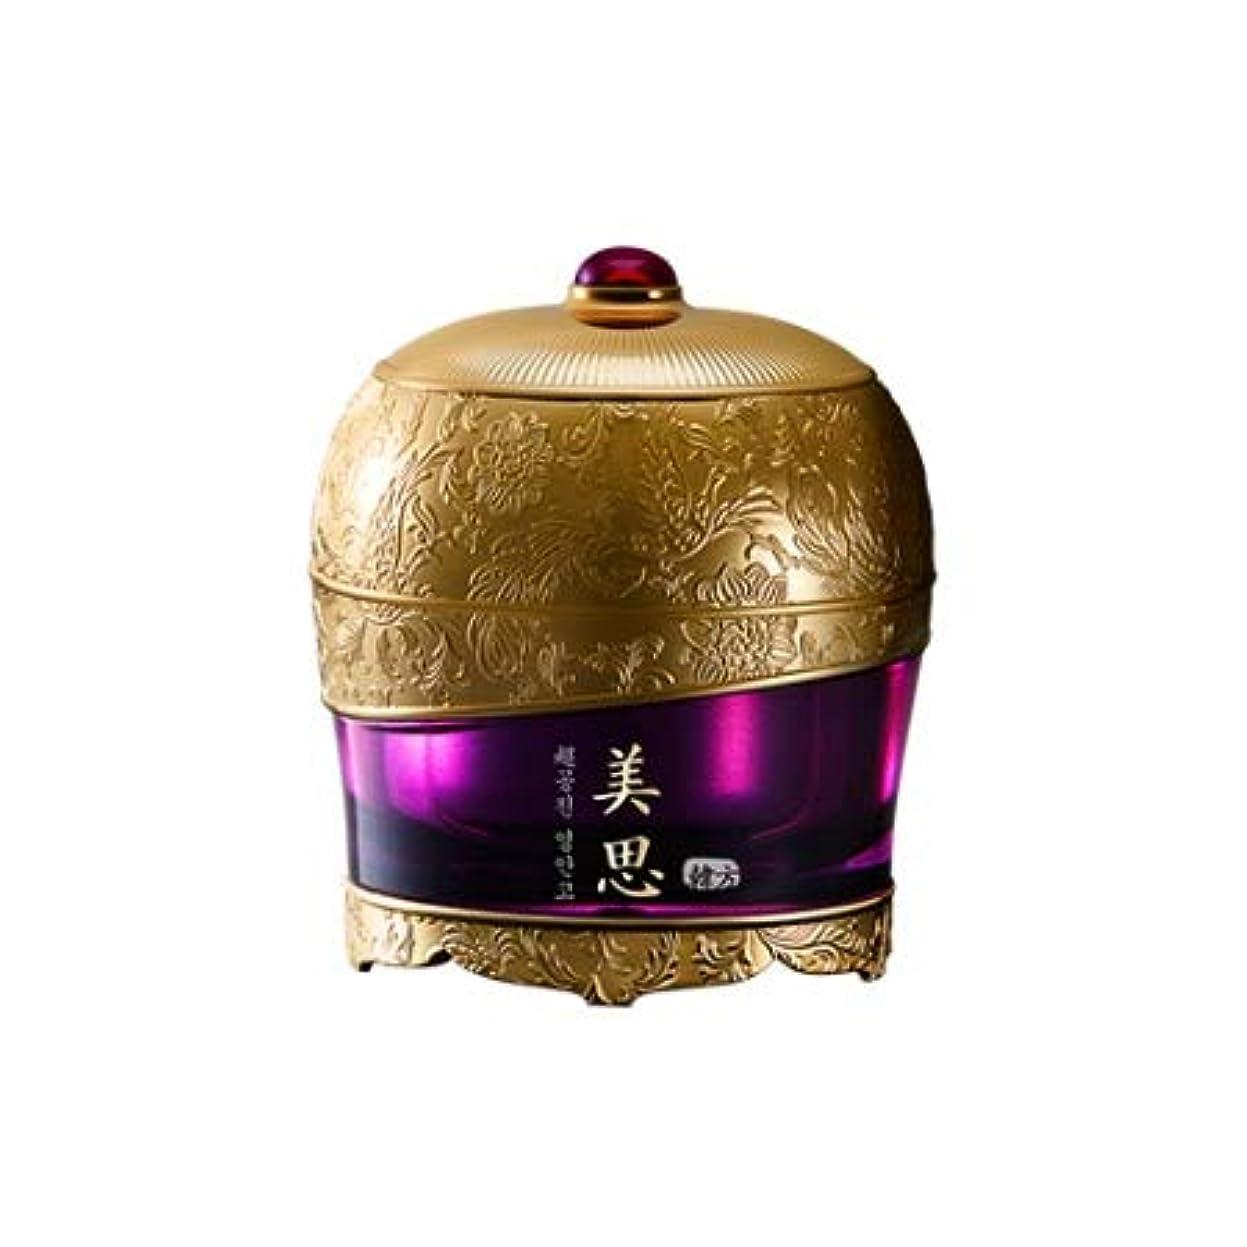 発明する常に電気陽性MISSHA Chogongjin Premium cream ミシャ美思超拱辰(チョゴンジン) 永安膏 クリーム クリーム 60ml [並行輸入品]